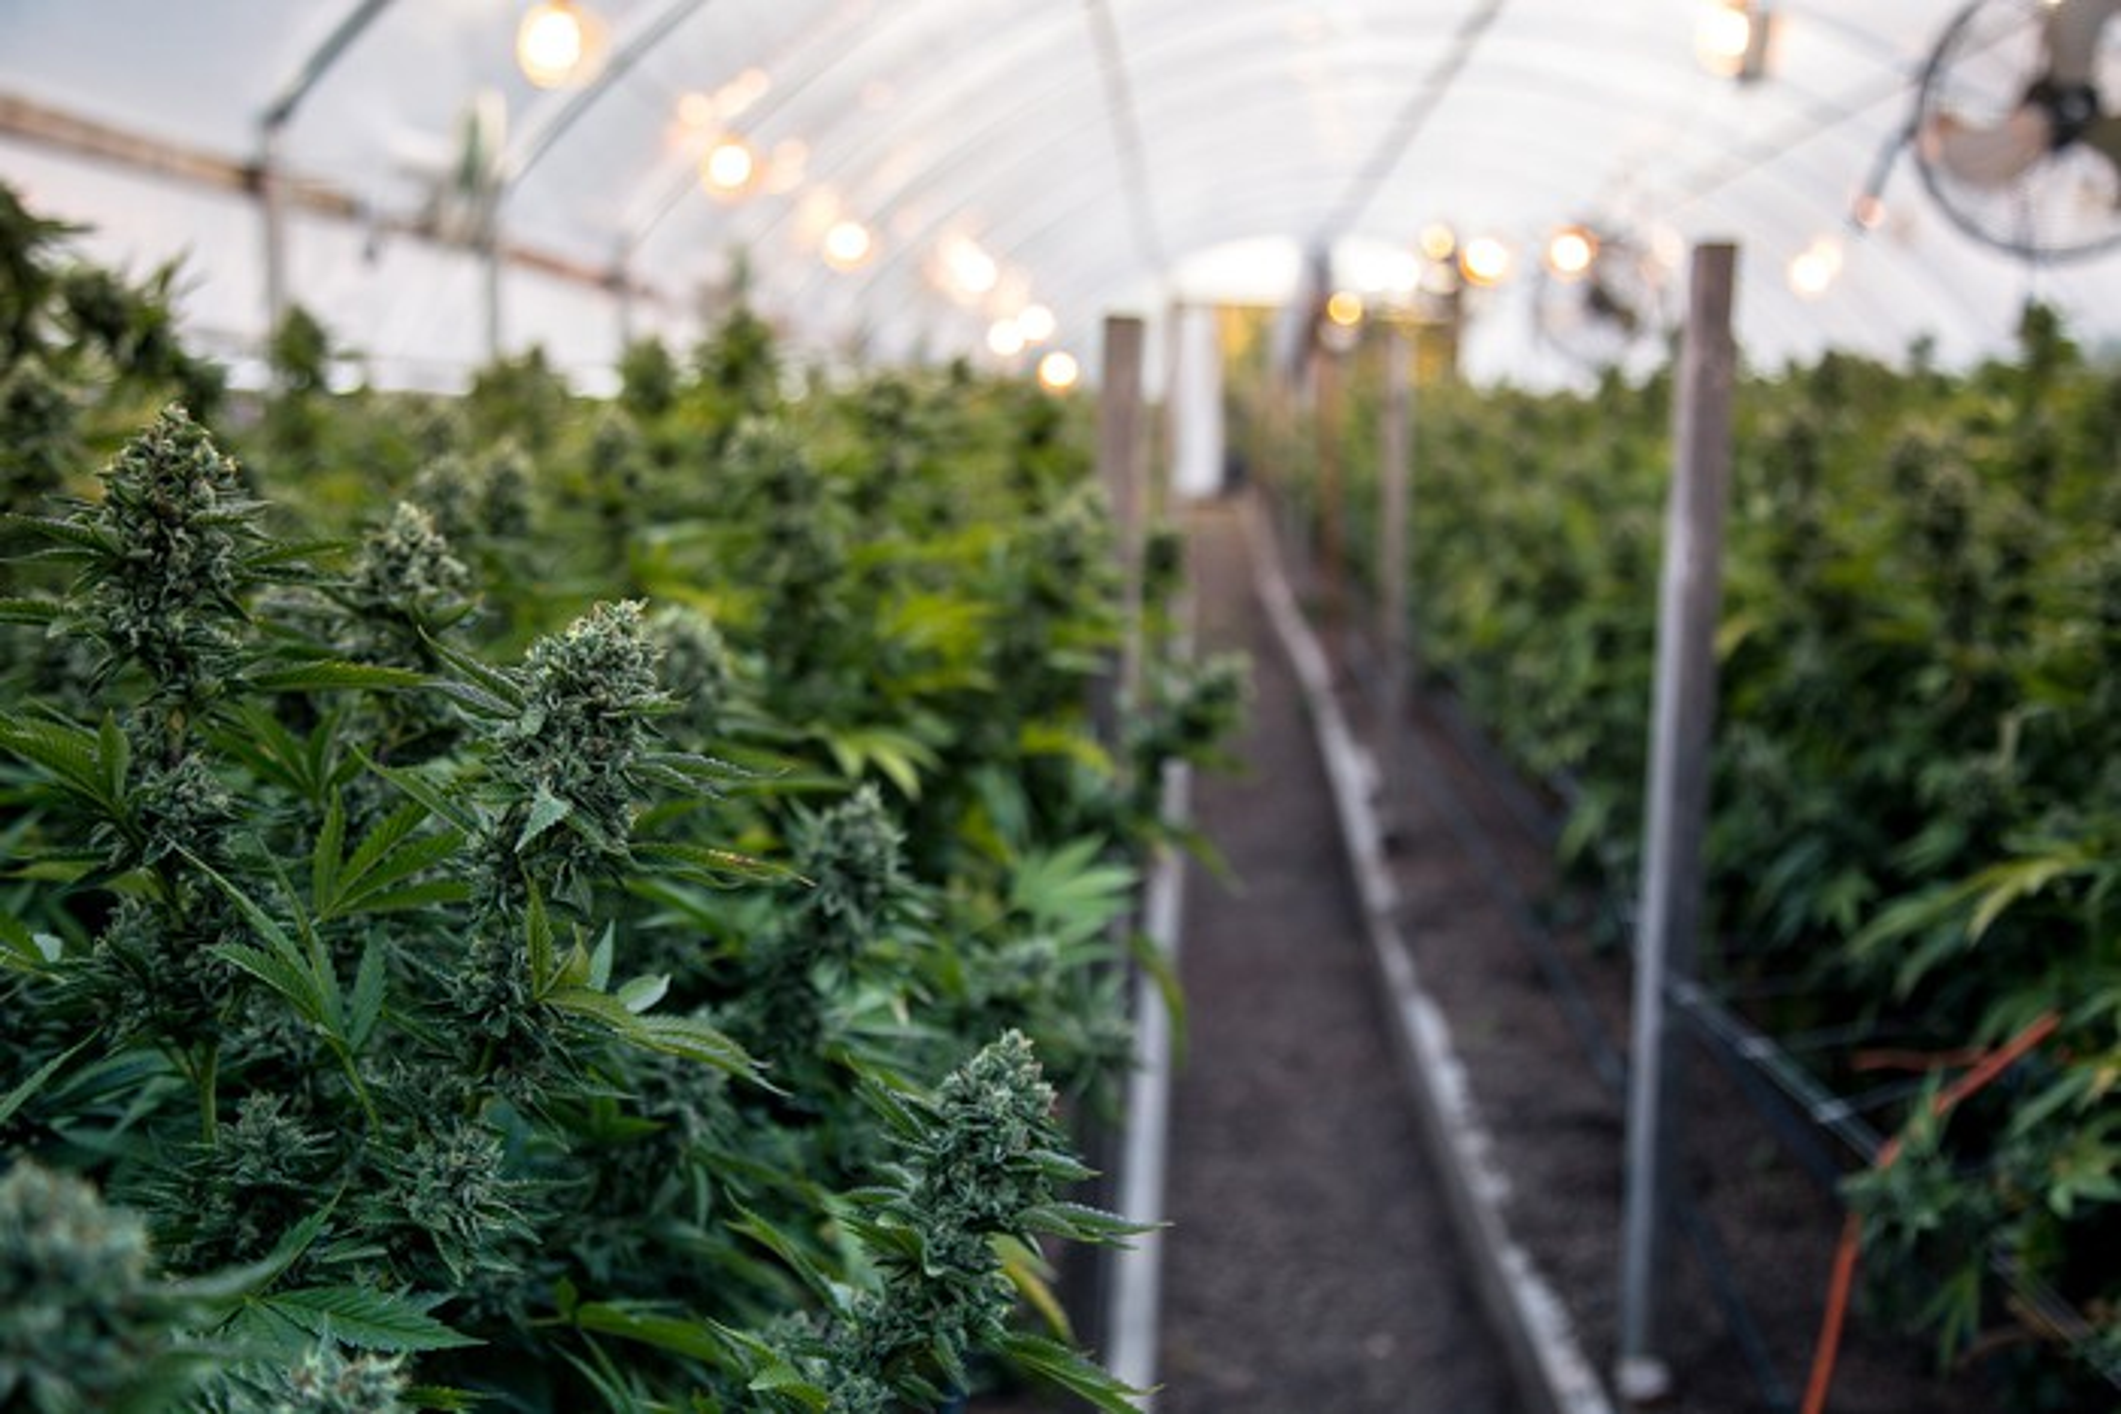 An indoor, commercial cannabis grow farm.